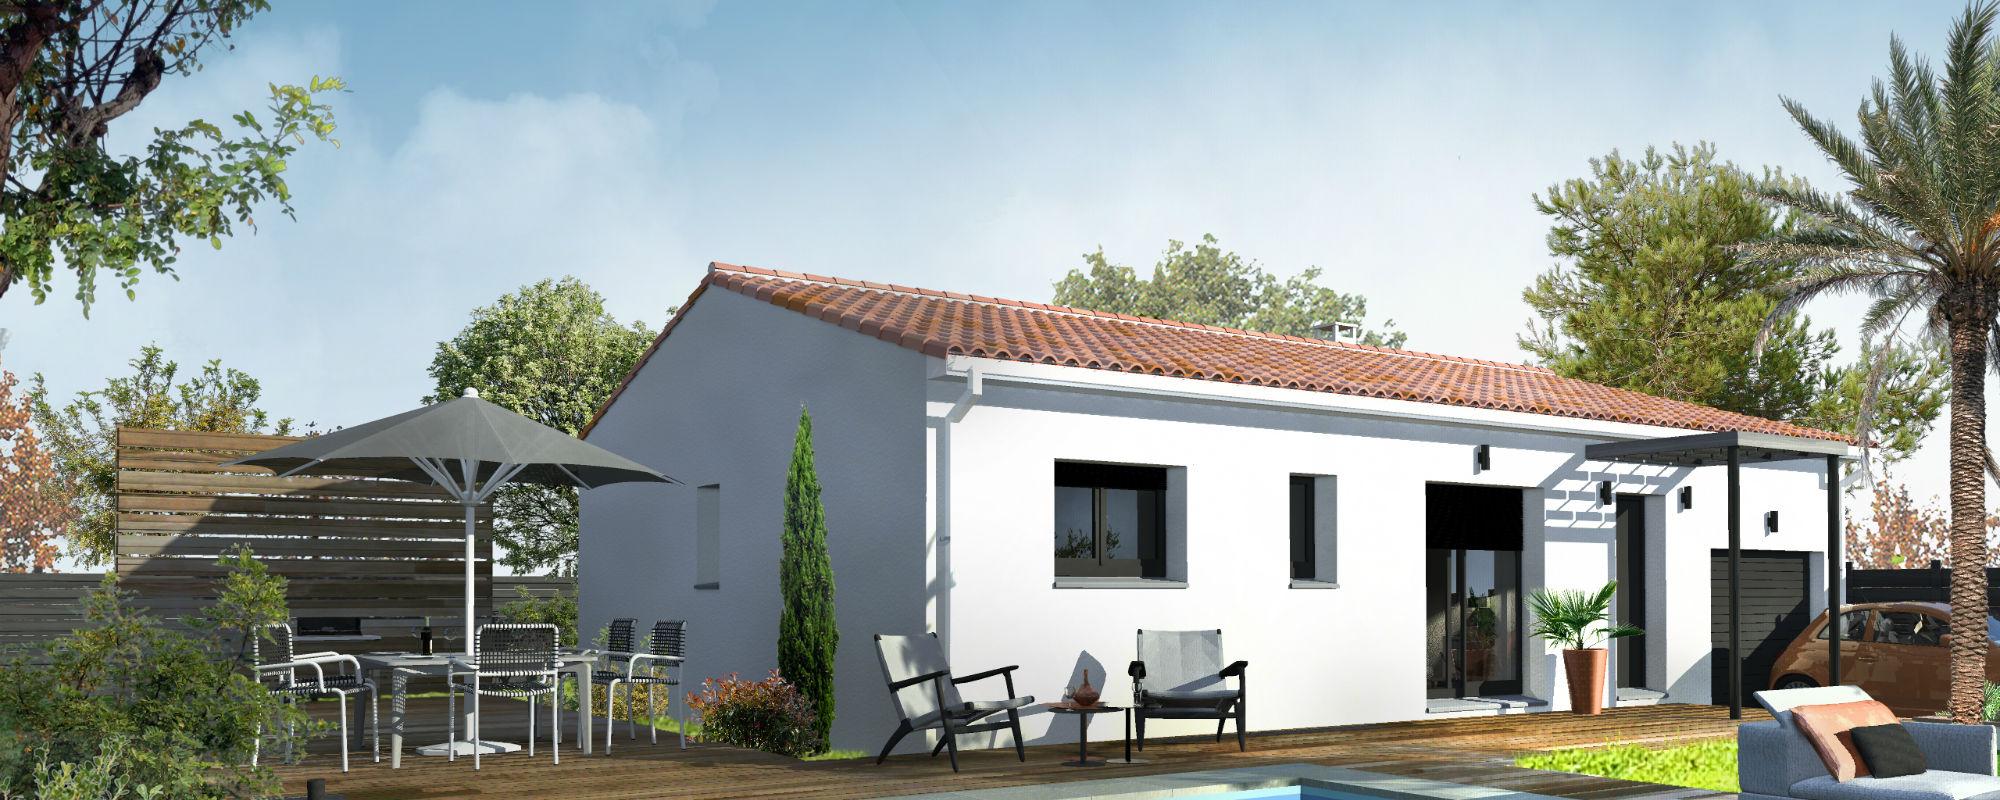 Terrains du constructeur SM 11 • 565 m² • LIMOUX